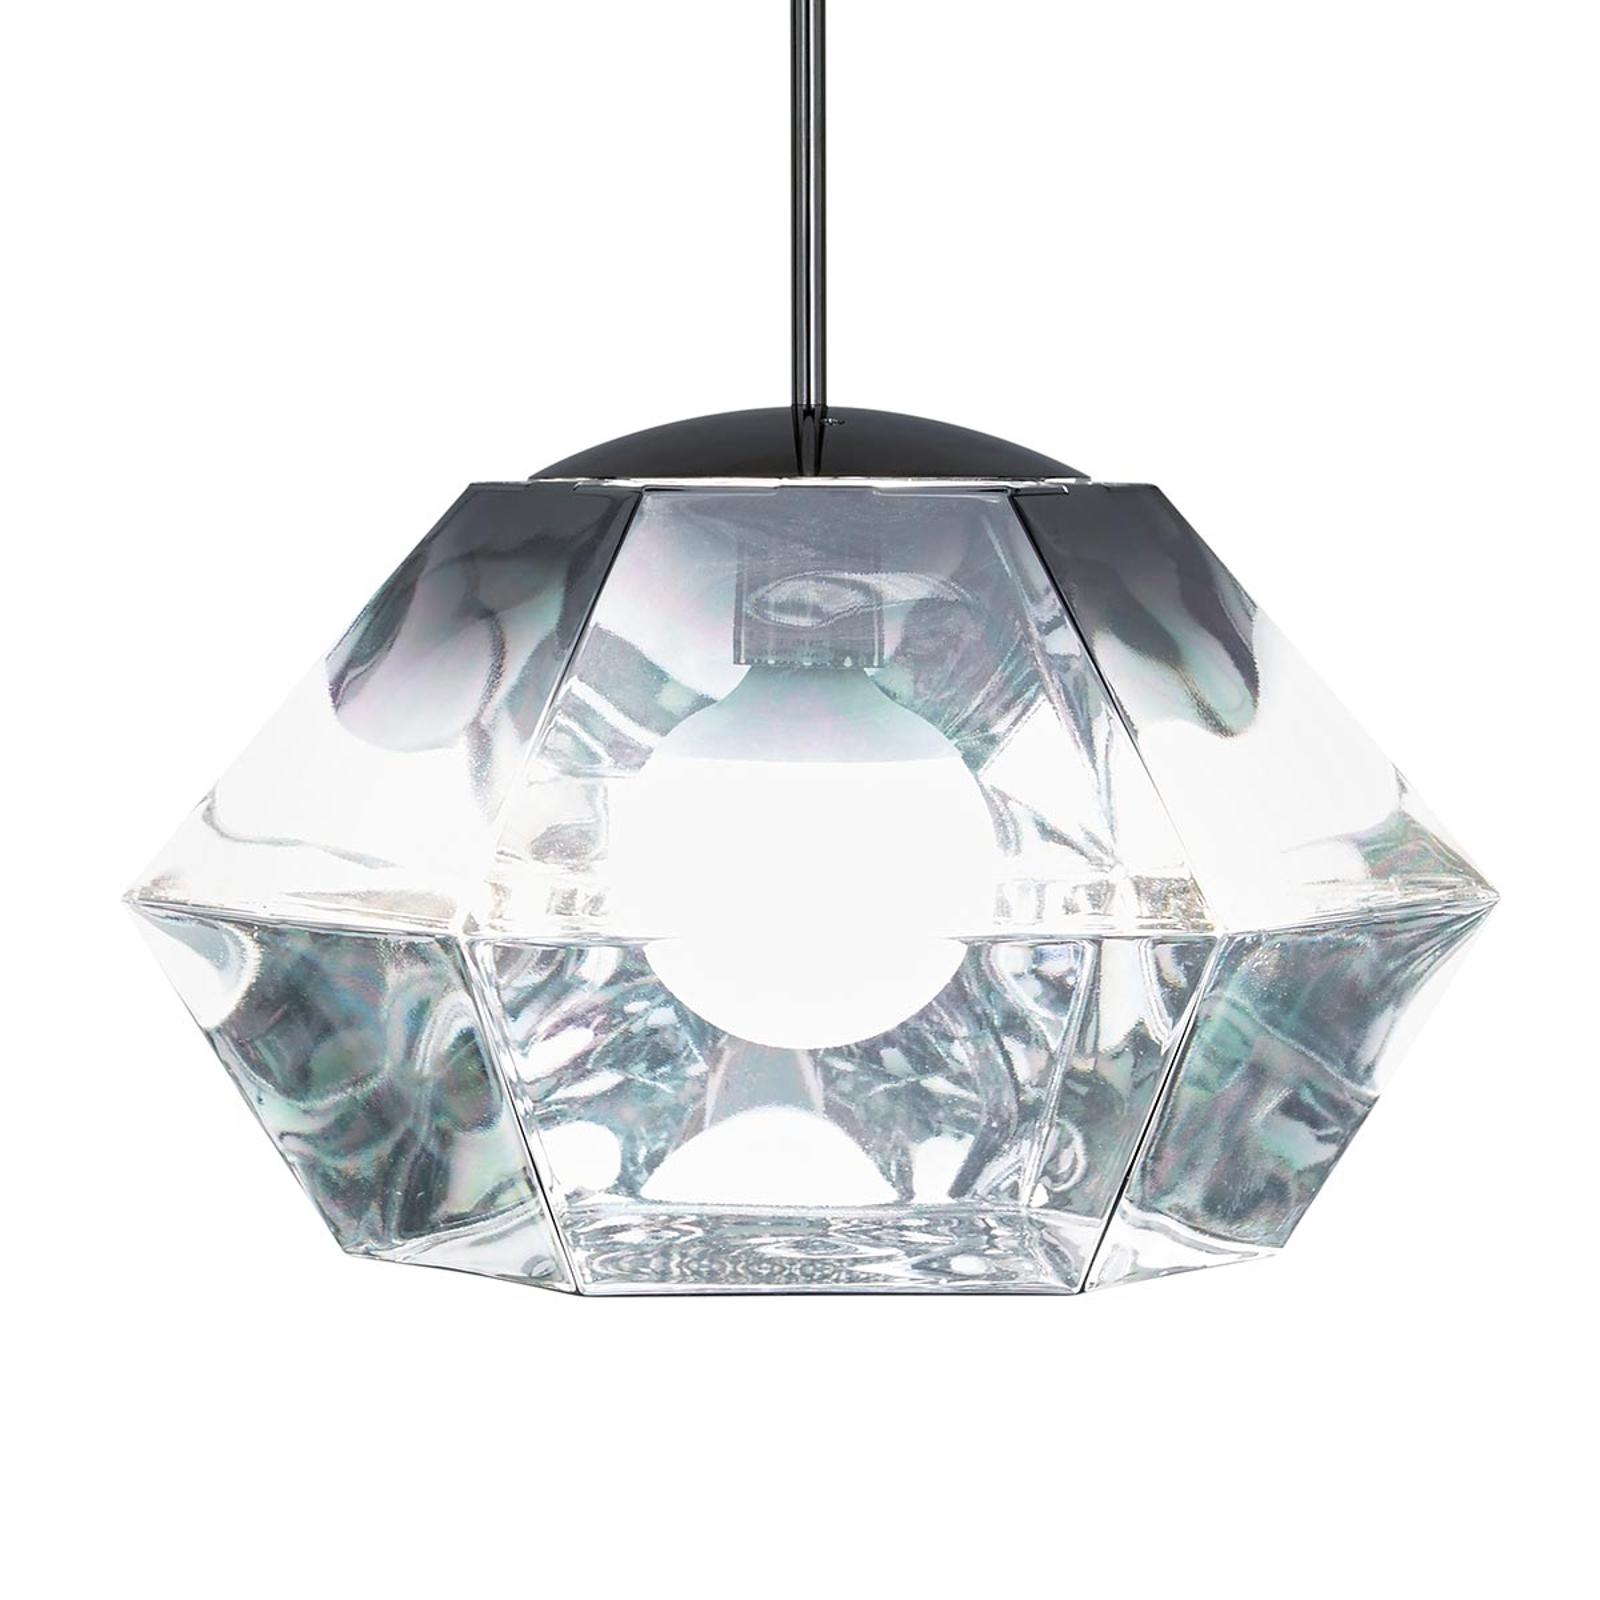 Acquista Affascinante lampada sospensione Cut Short, cromo